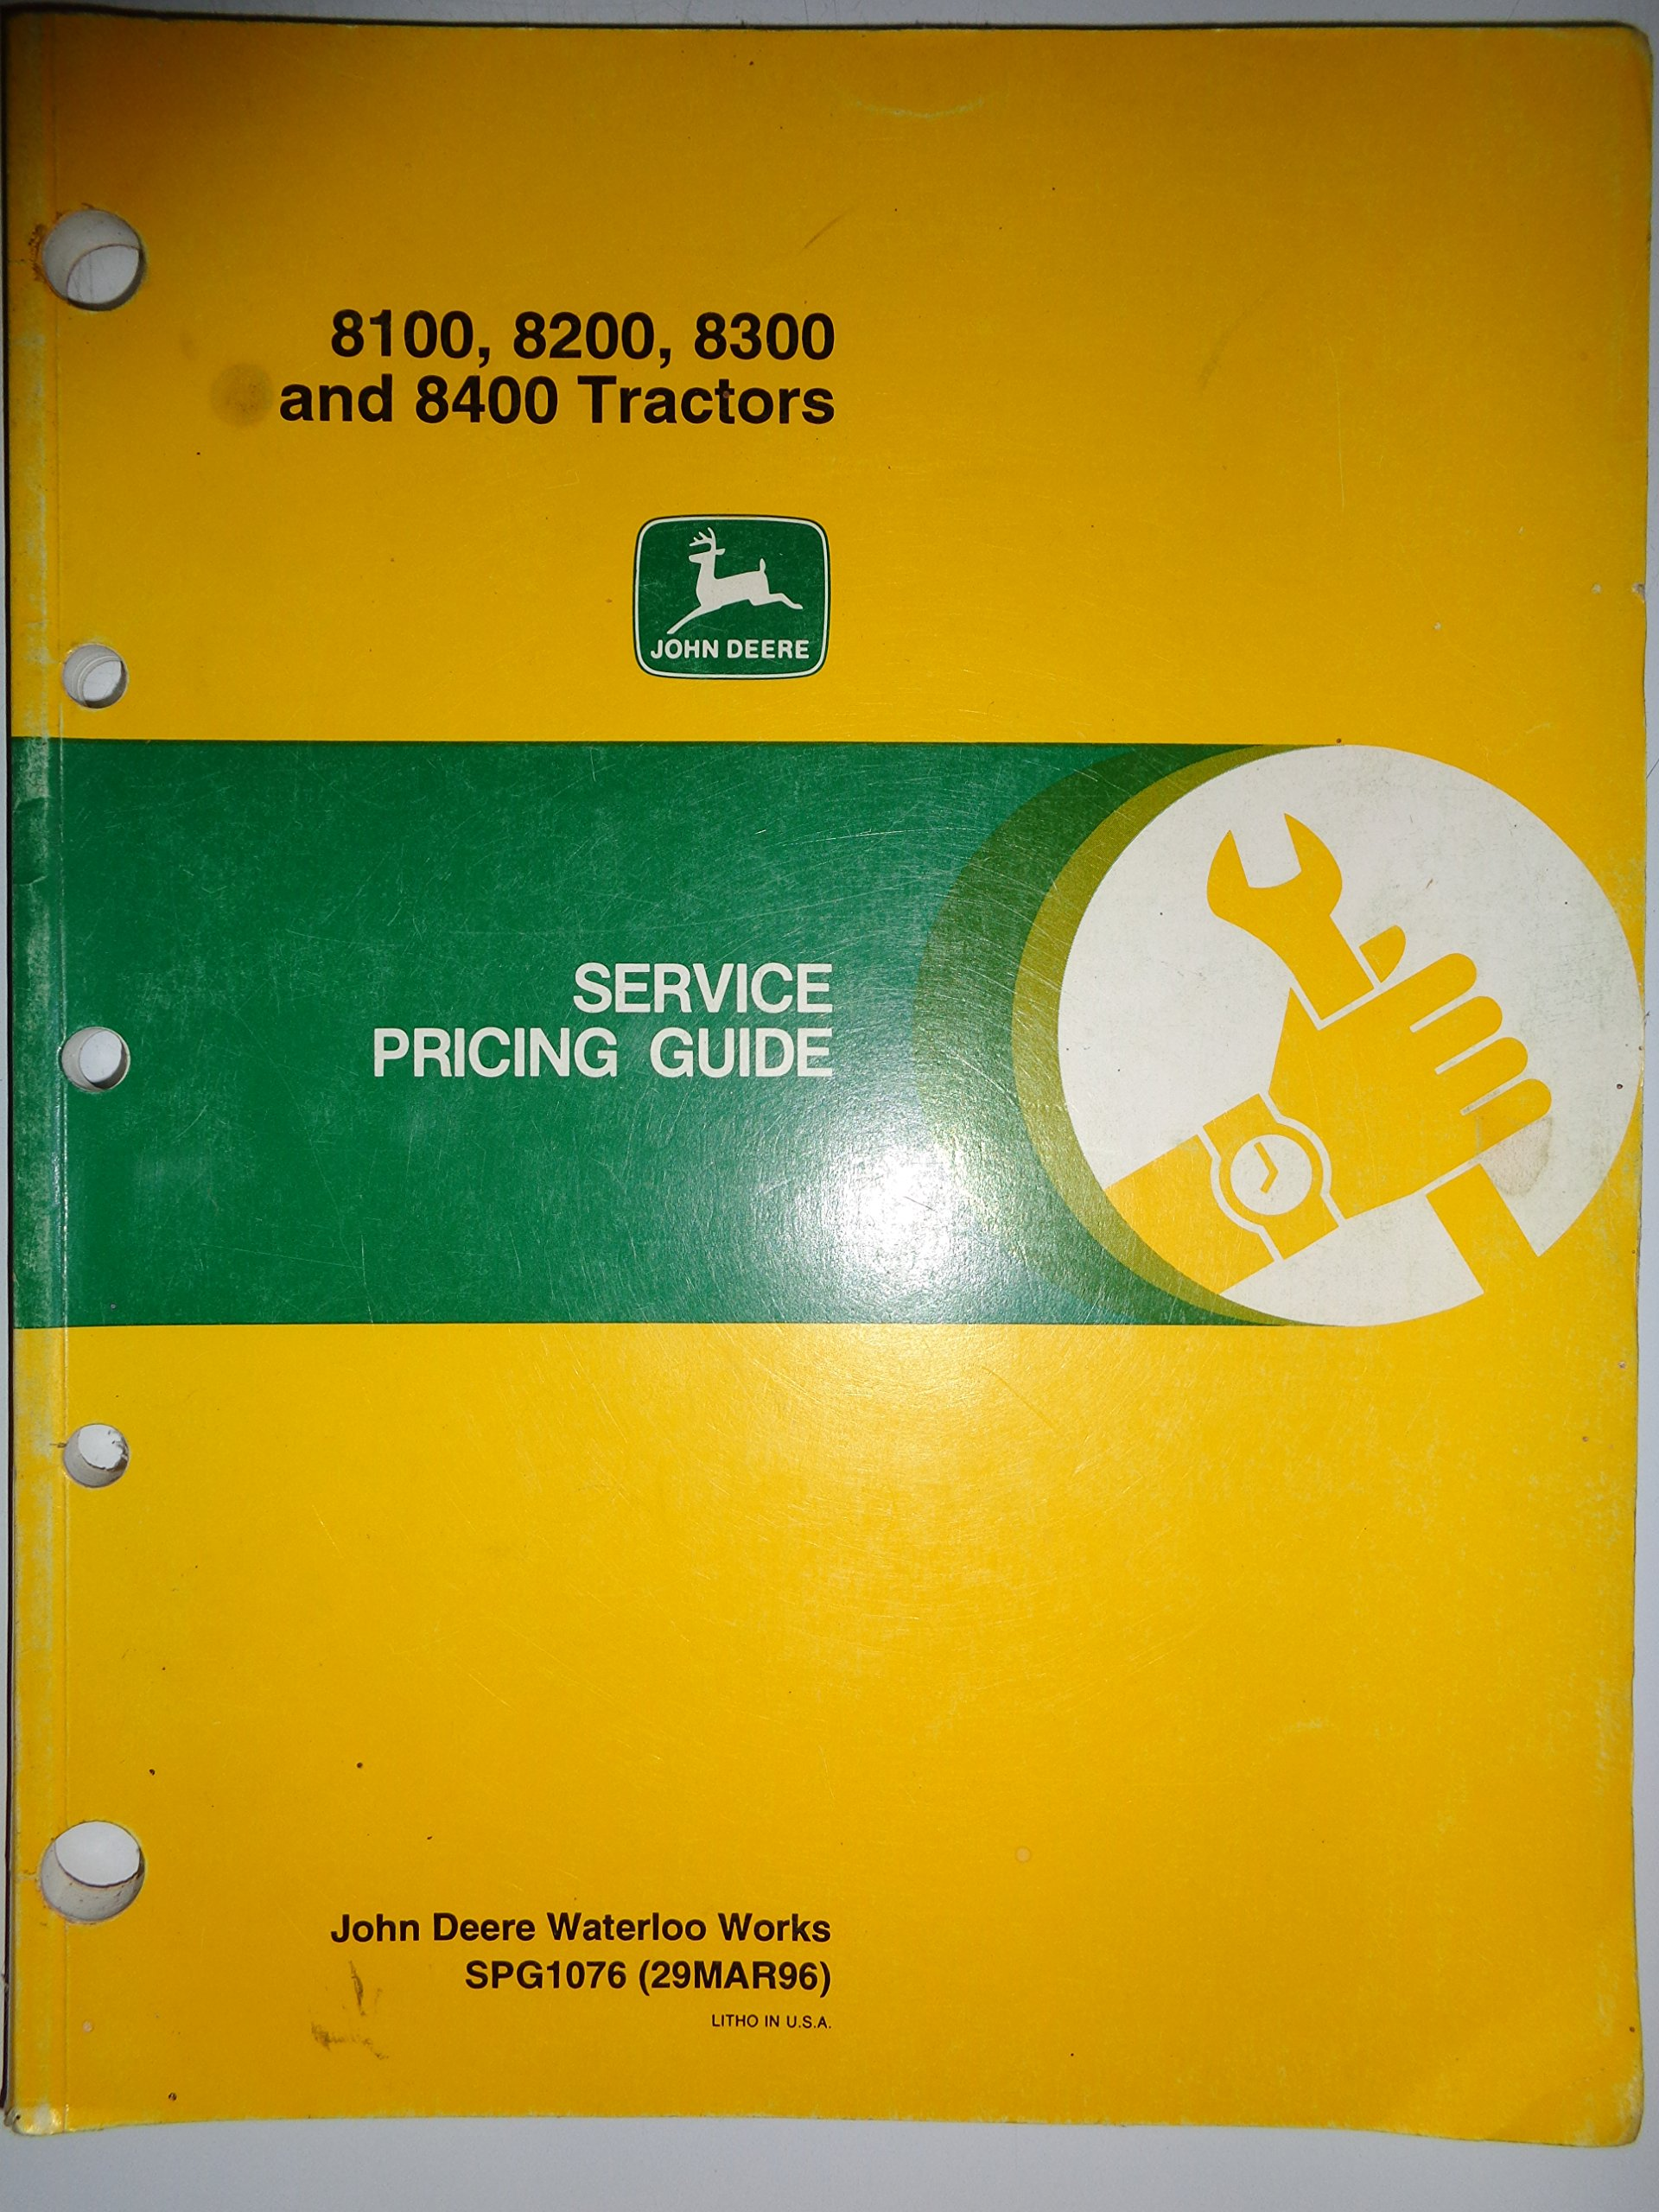 John Deere 8100 8200 8300 8400 Tractor Service Pricing Guide Flat Rate ( repair time) Manual Original 3/96: Deere, John Deere: Amazon.com: Books